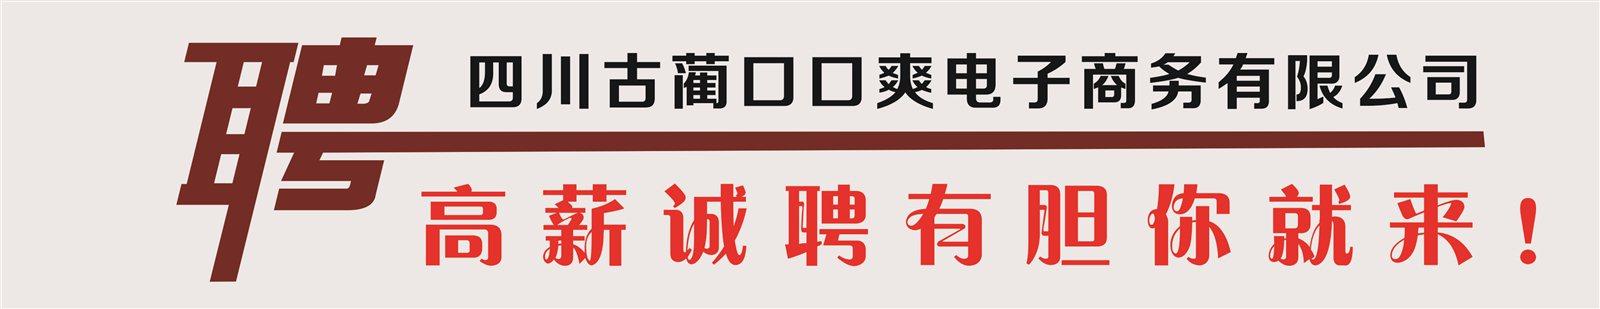 四川古蔺口口爽电子商务有限公司